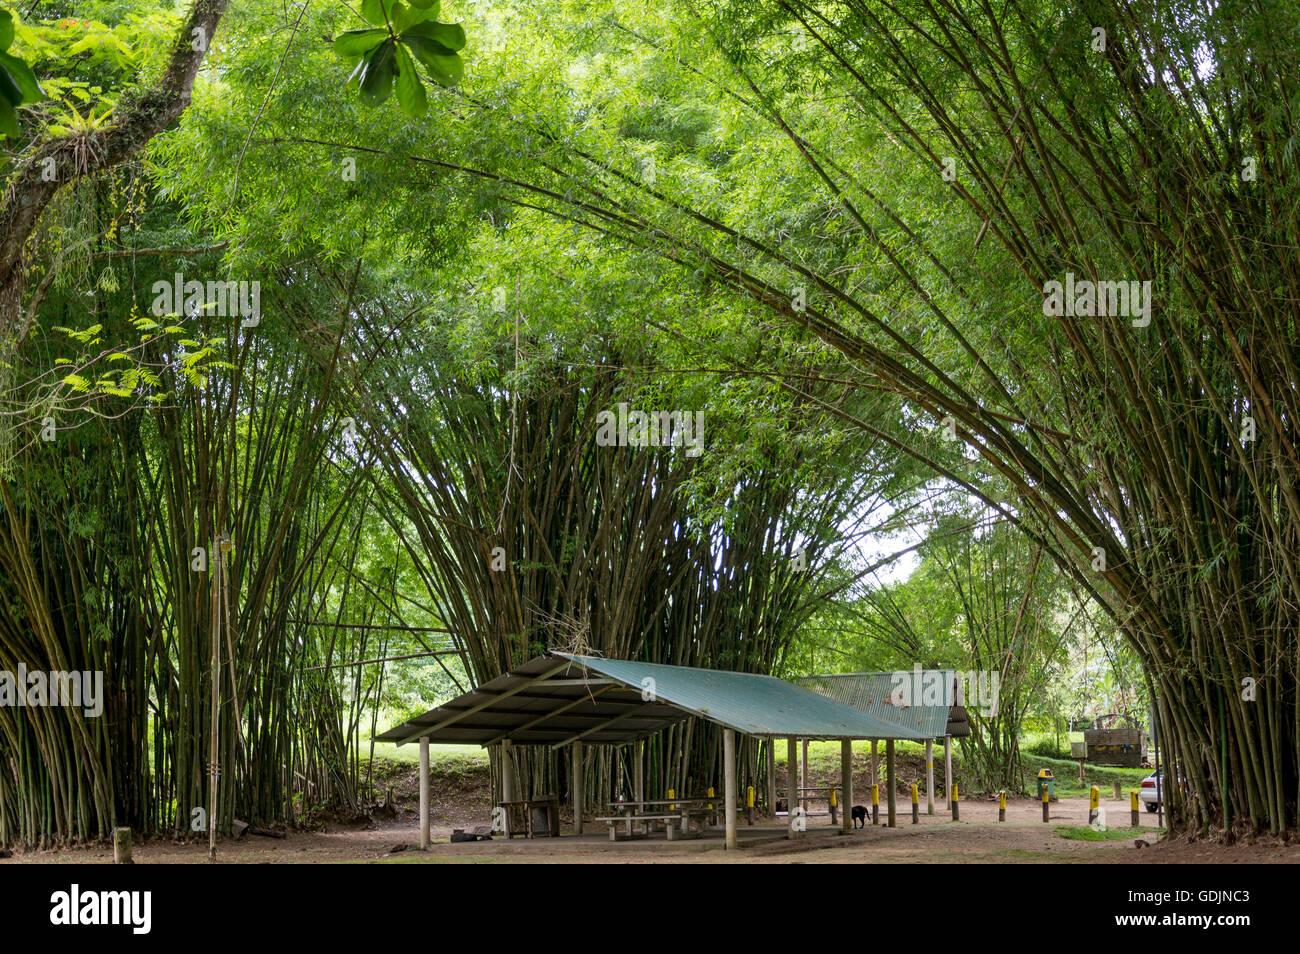 Archi di bambù al fiume Lopinot. Immagini Stock